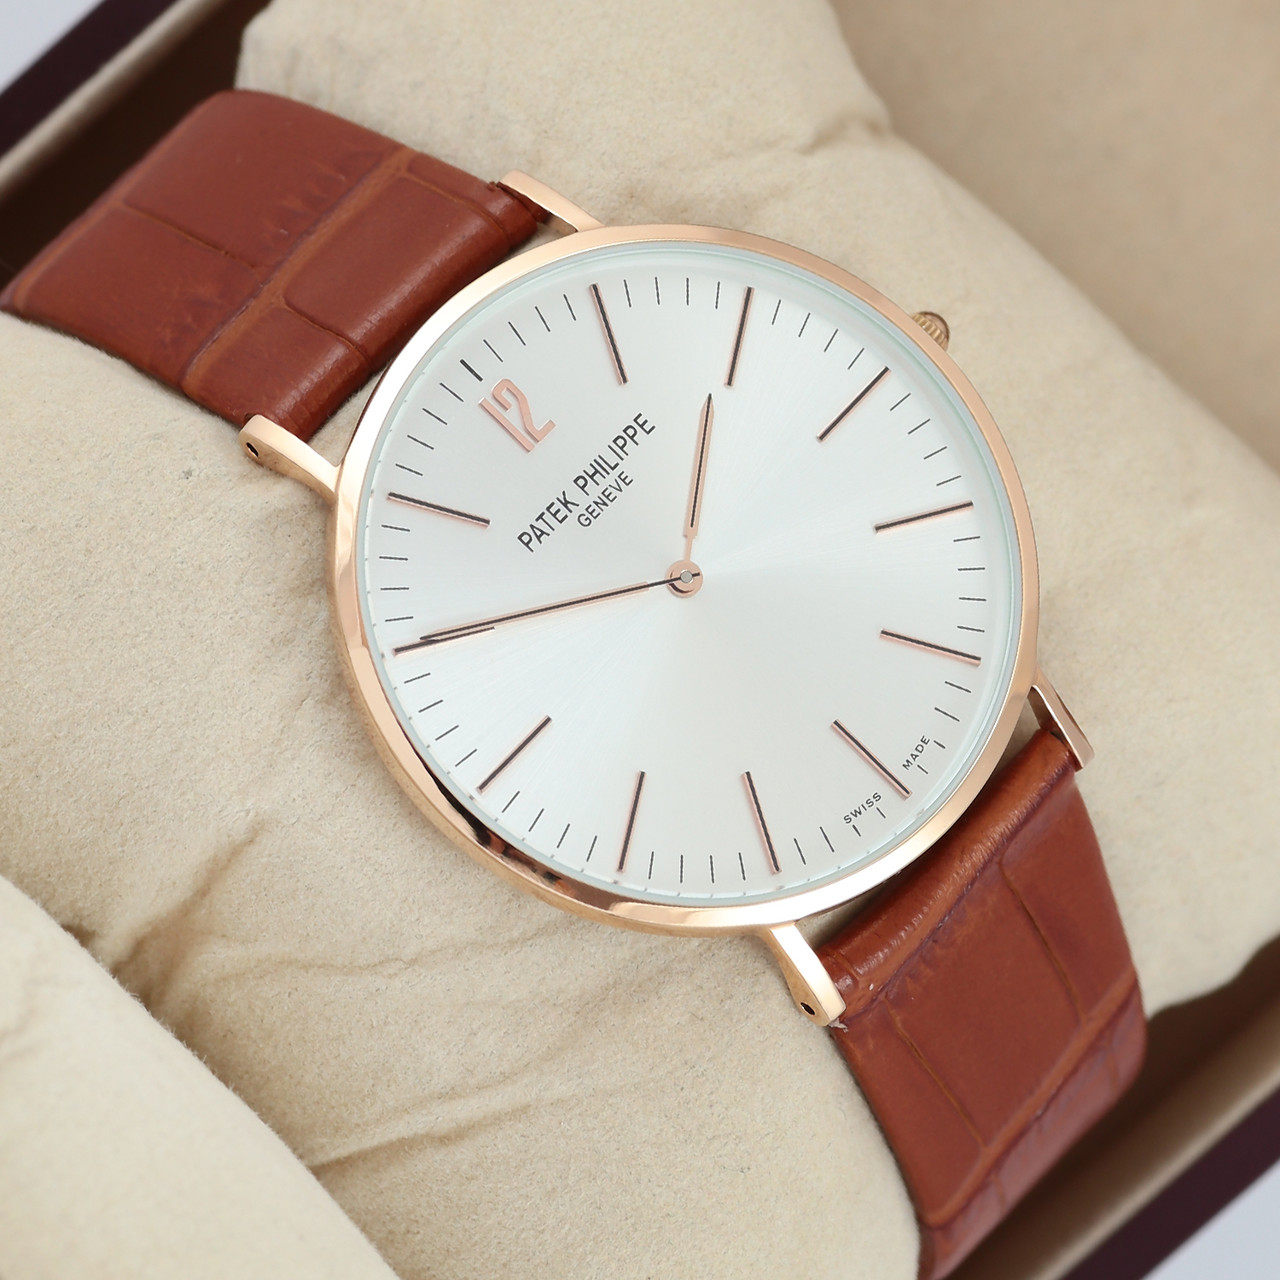 Geneve 58152 часов стоимость patek philippe оценка в скупка часов москве,